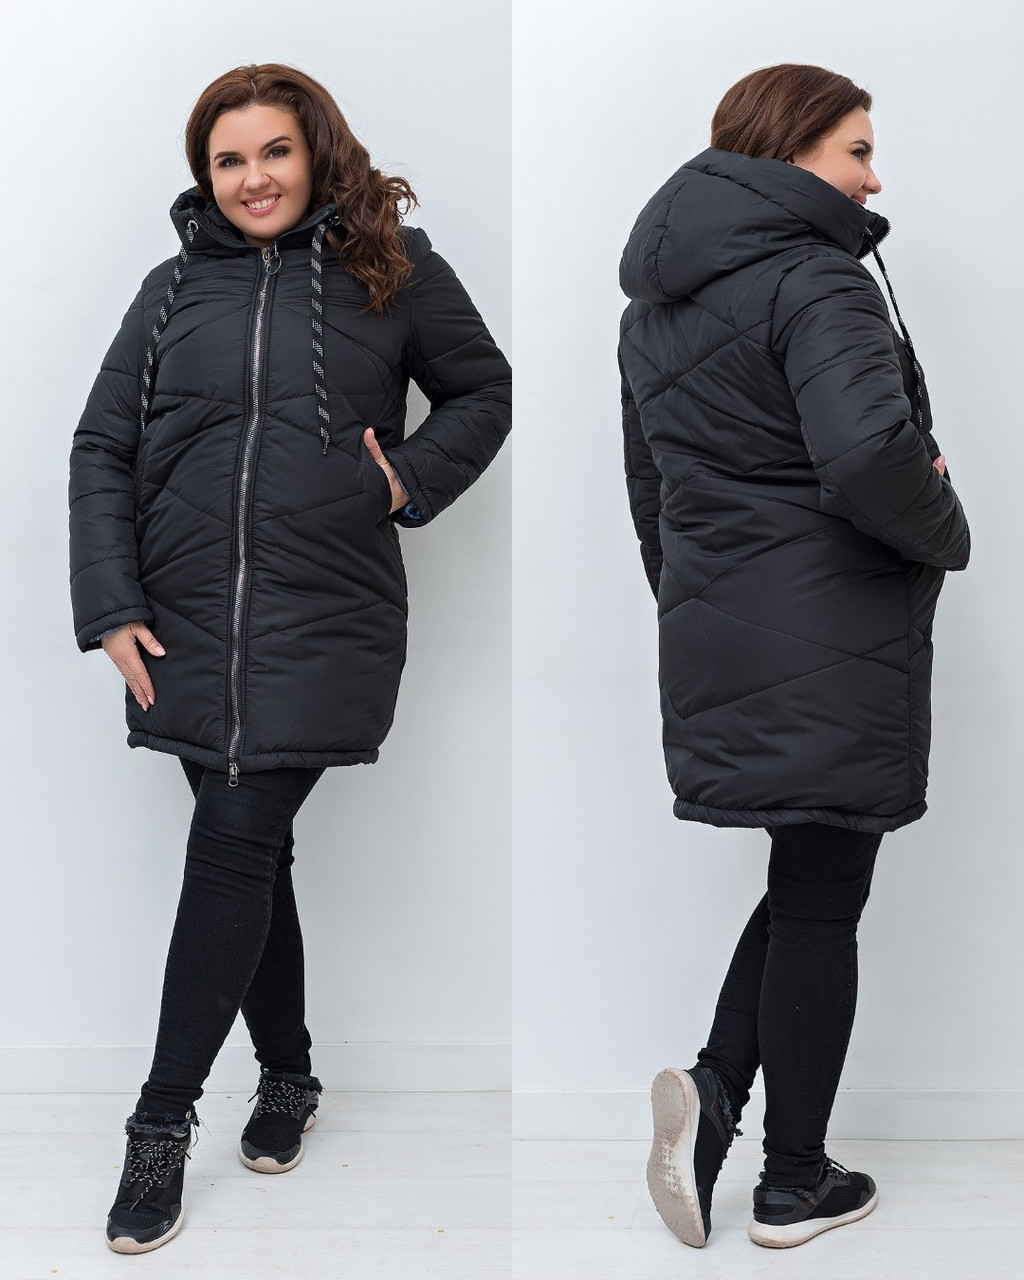 Женская зимняя теплая куртка плащевка на силиконе фиолетовая синяя черная красная 48 50 52